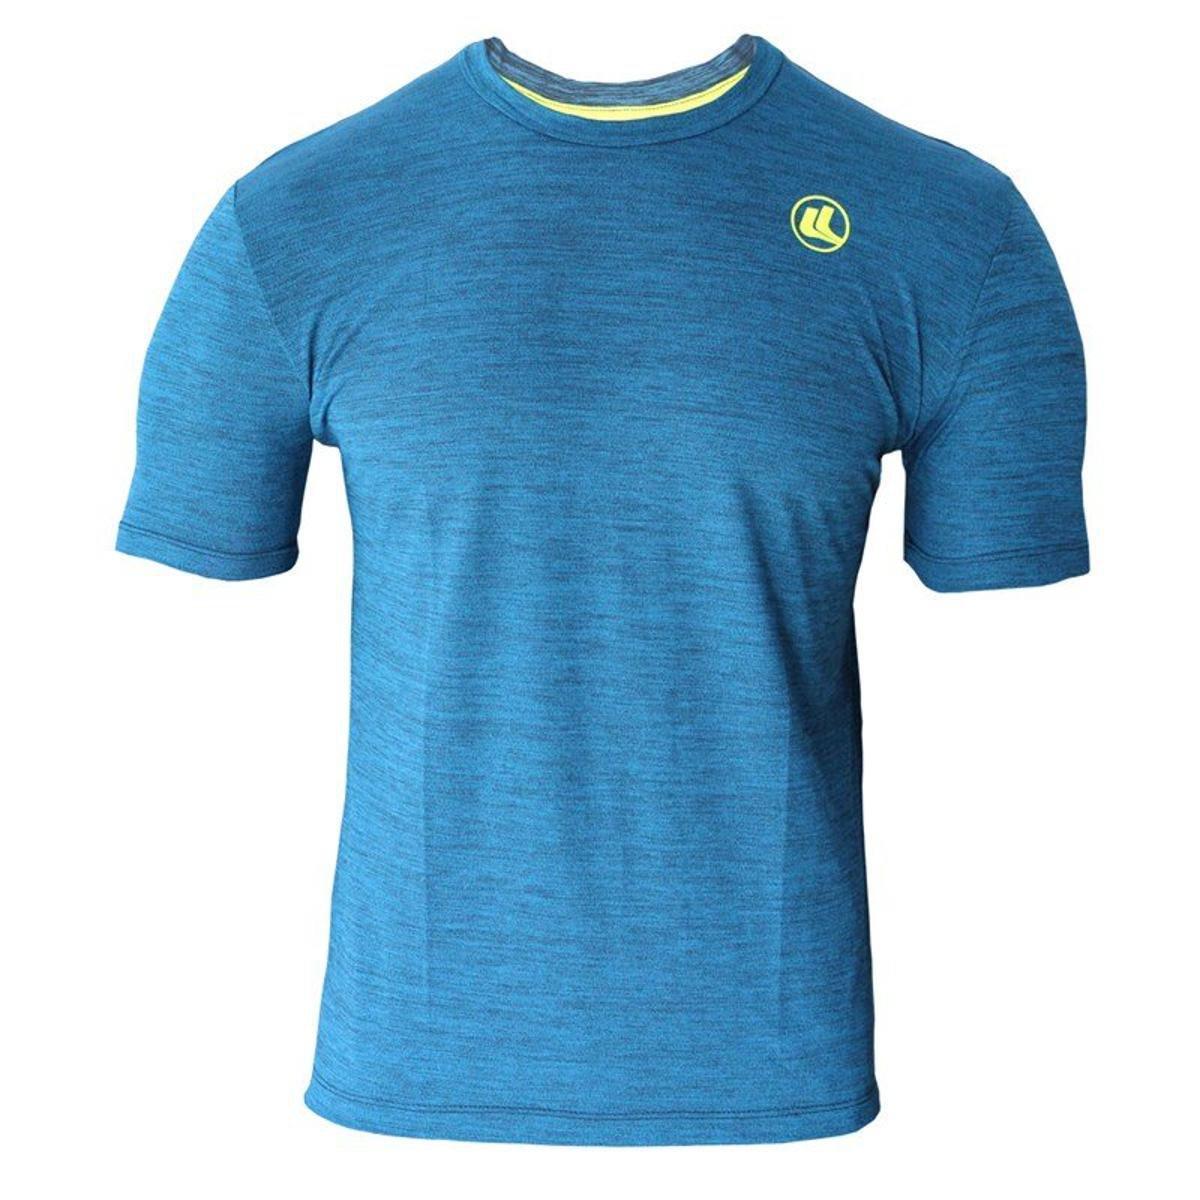 97fa37b9c9bed Camisa Esporte Legal Grael Proteção UV45 Masculina - Azul - Compre Agora